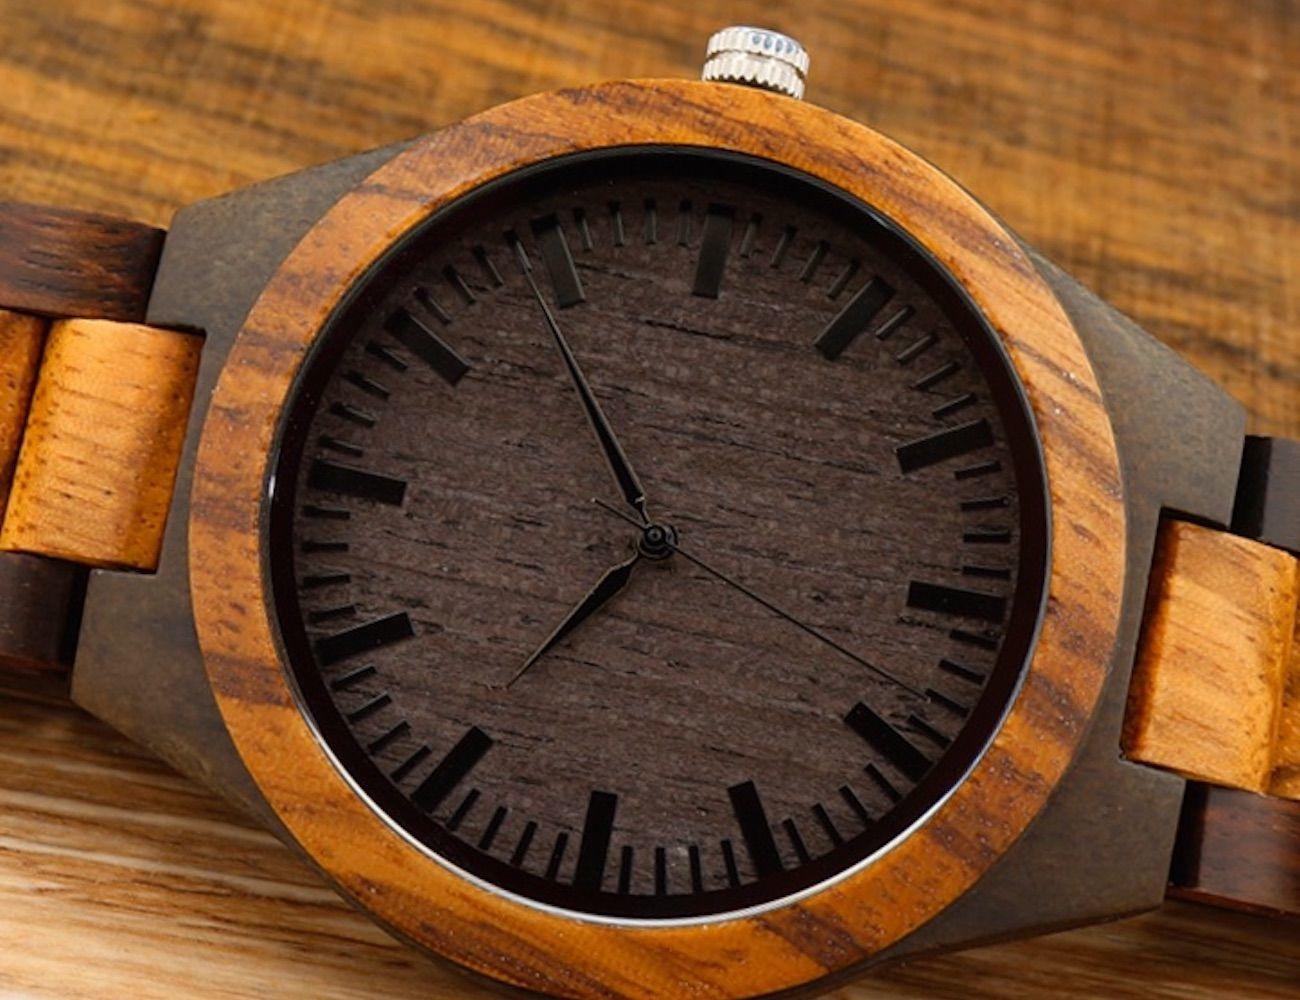 Zebra Style Wooden Watches